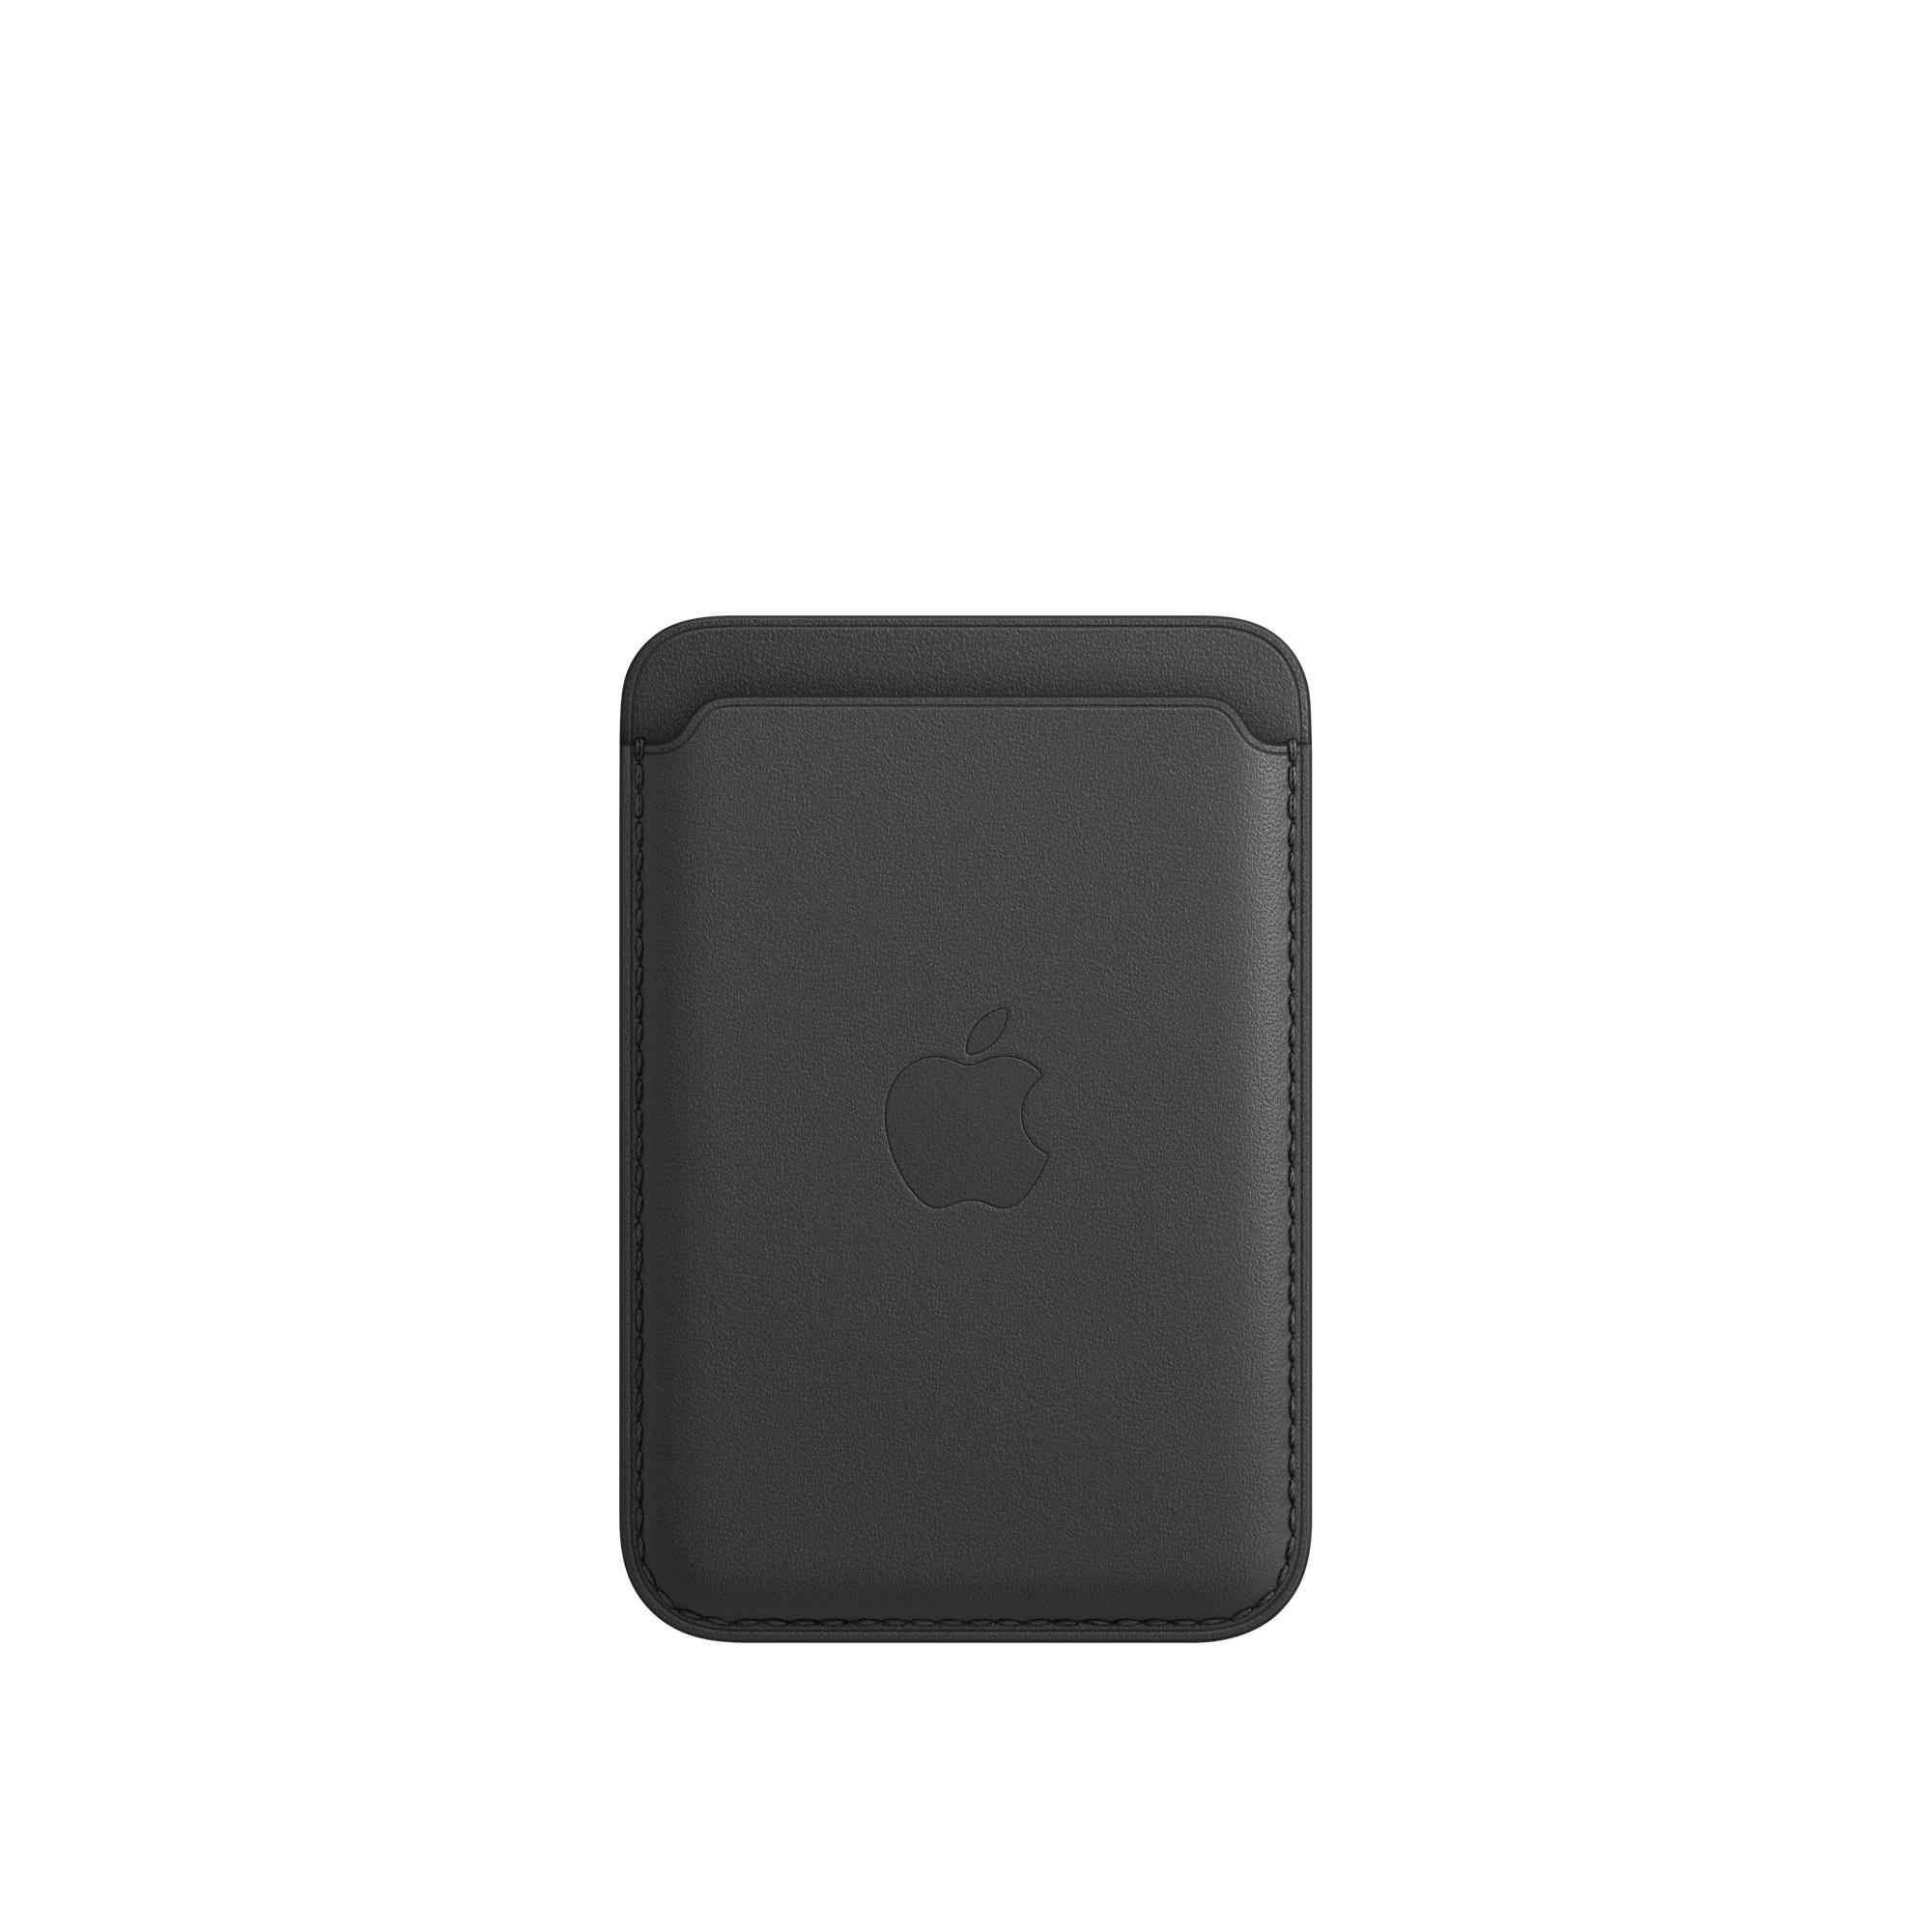 Leren kaarthouder met MagSafe voor iPhone- Zwart